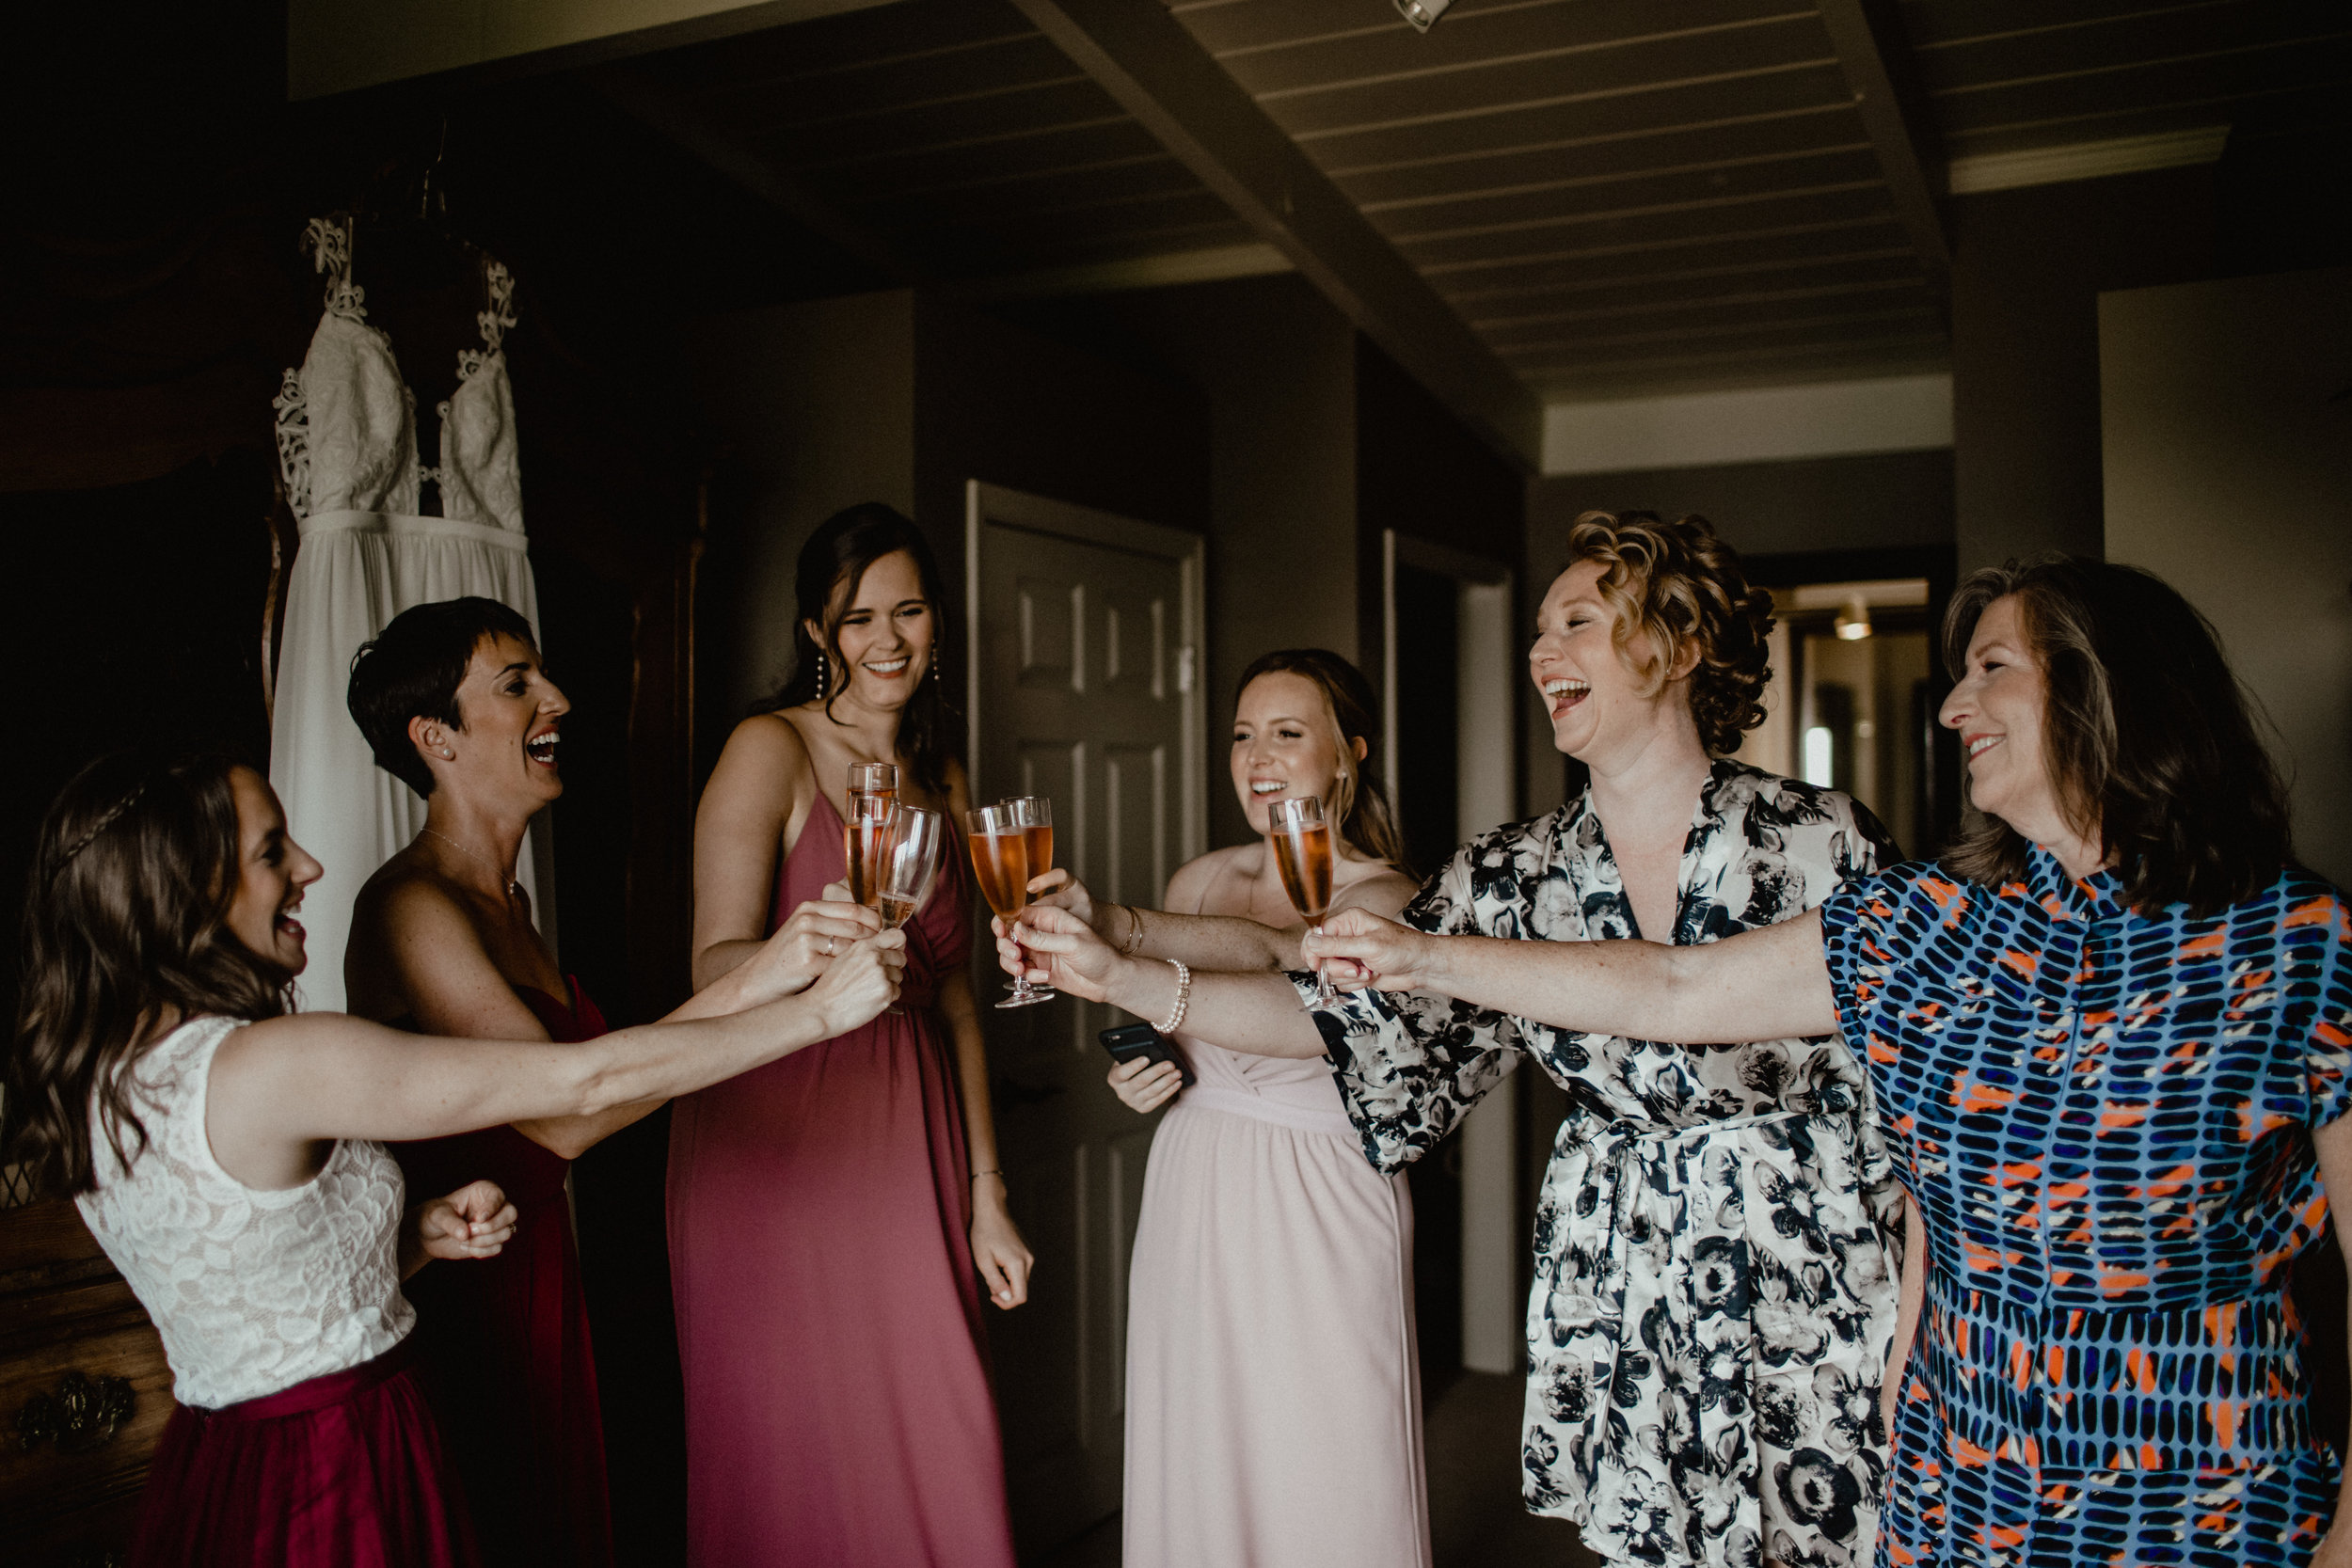 west-vancouver-backyard-wedding-14.jpg